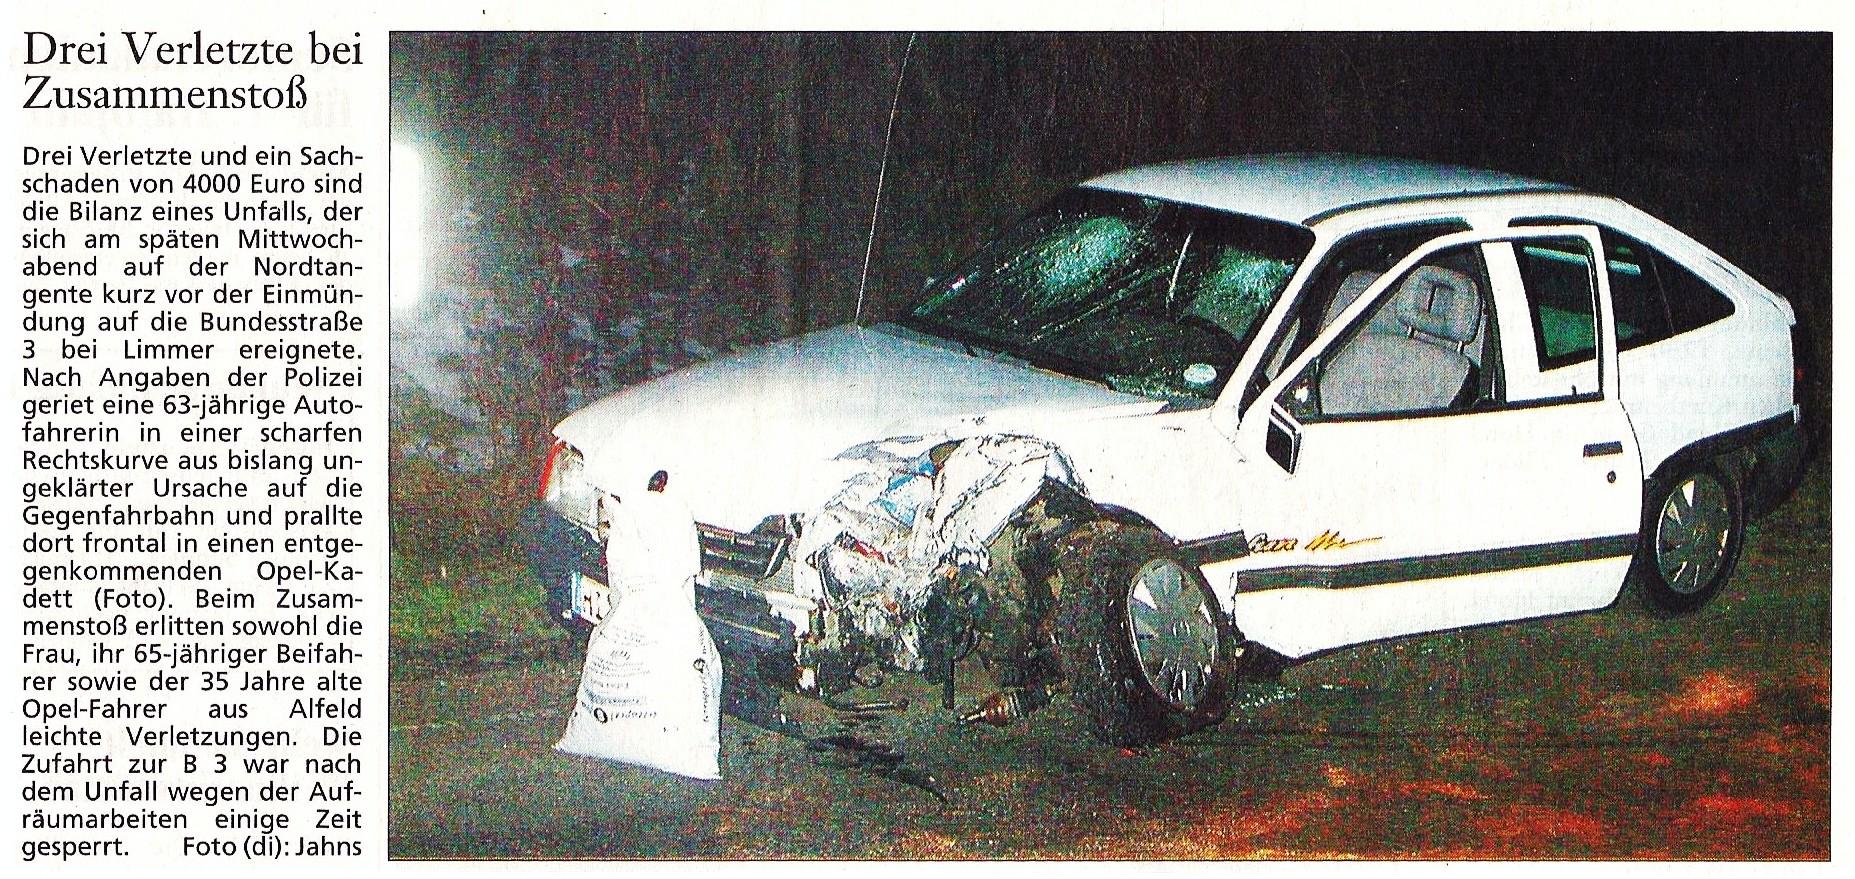 2002-01-11 Drei Verletzte bei Zusammenstoß